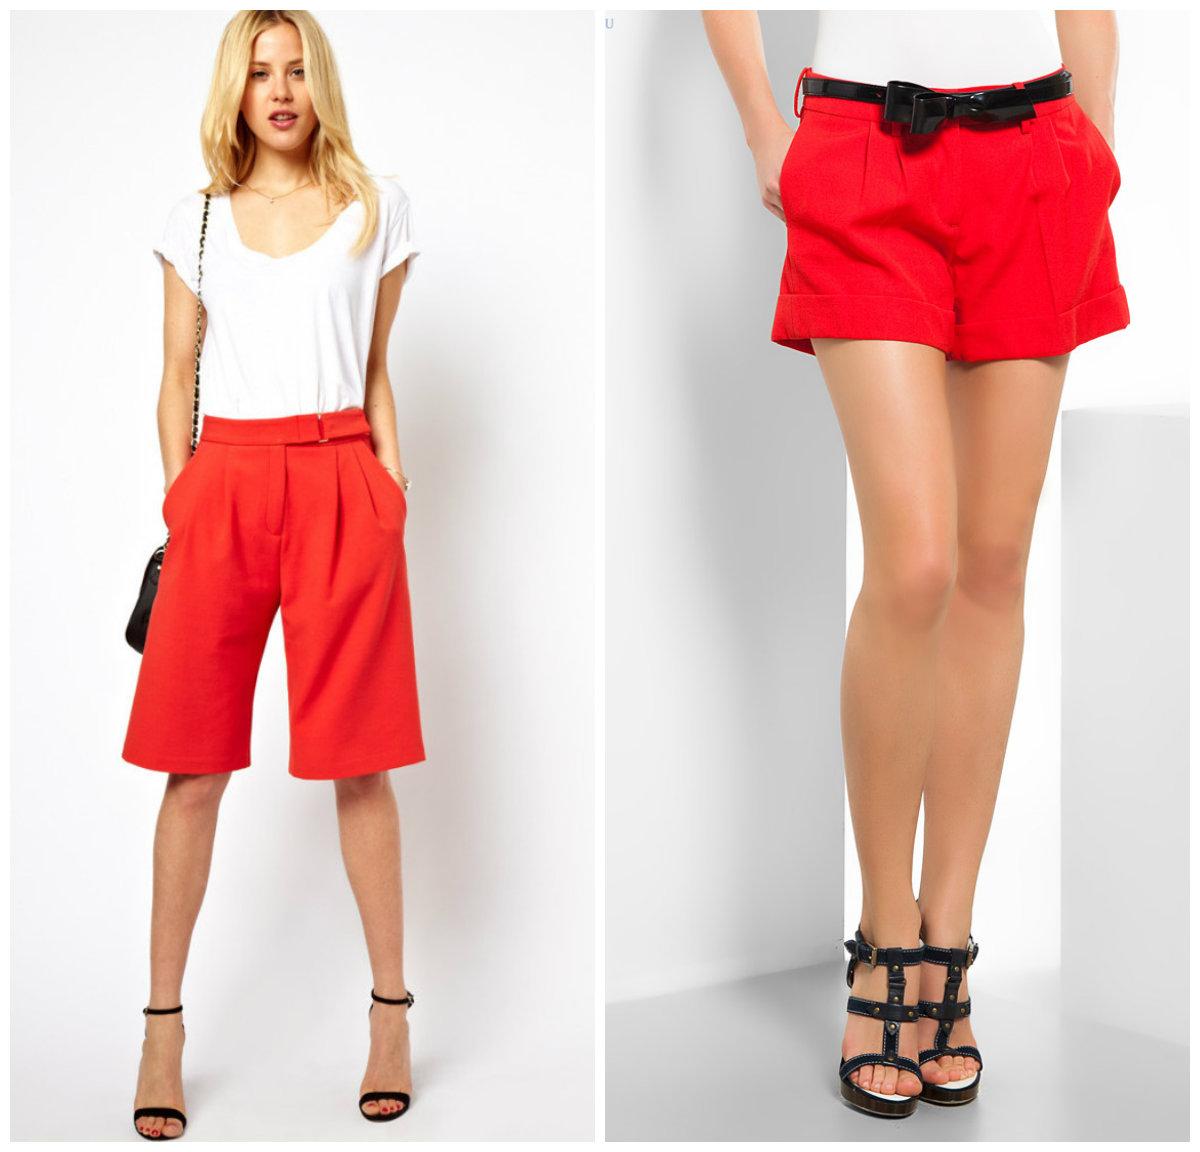 Модные-шорты-2019-женские-фото-Модные шорты 2019 женские